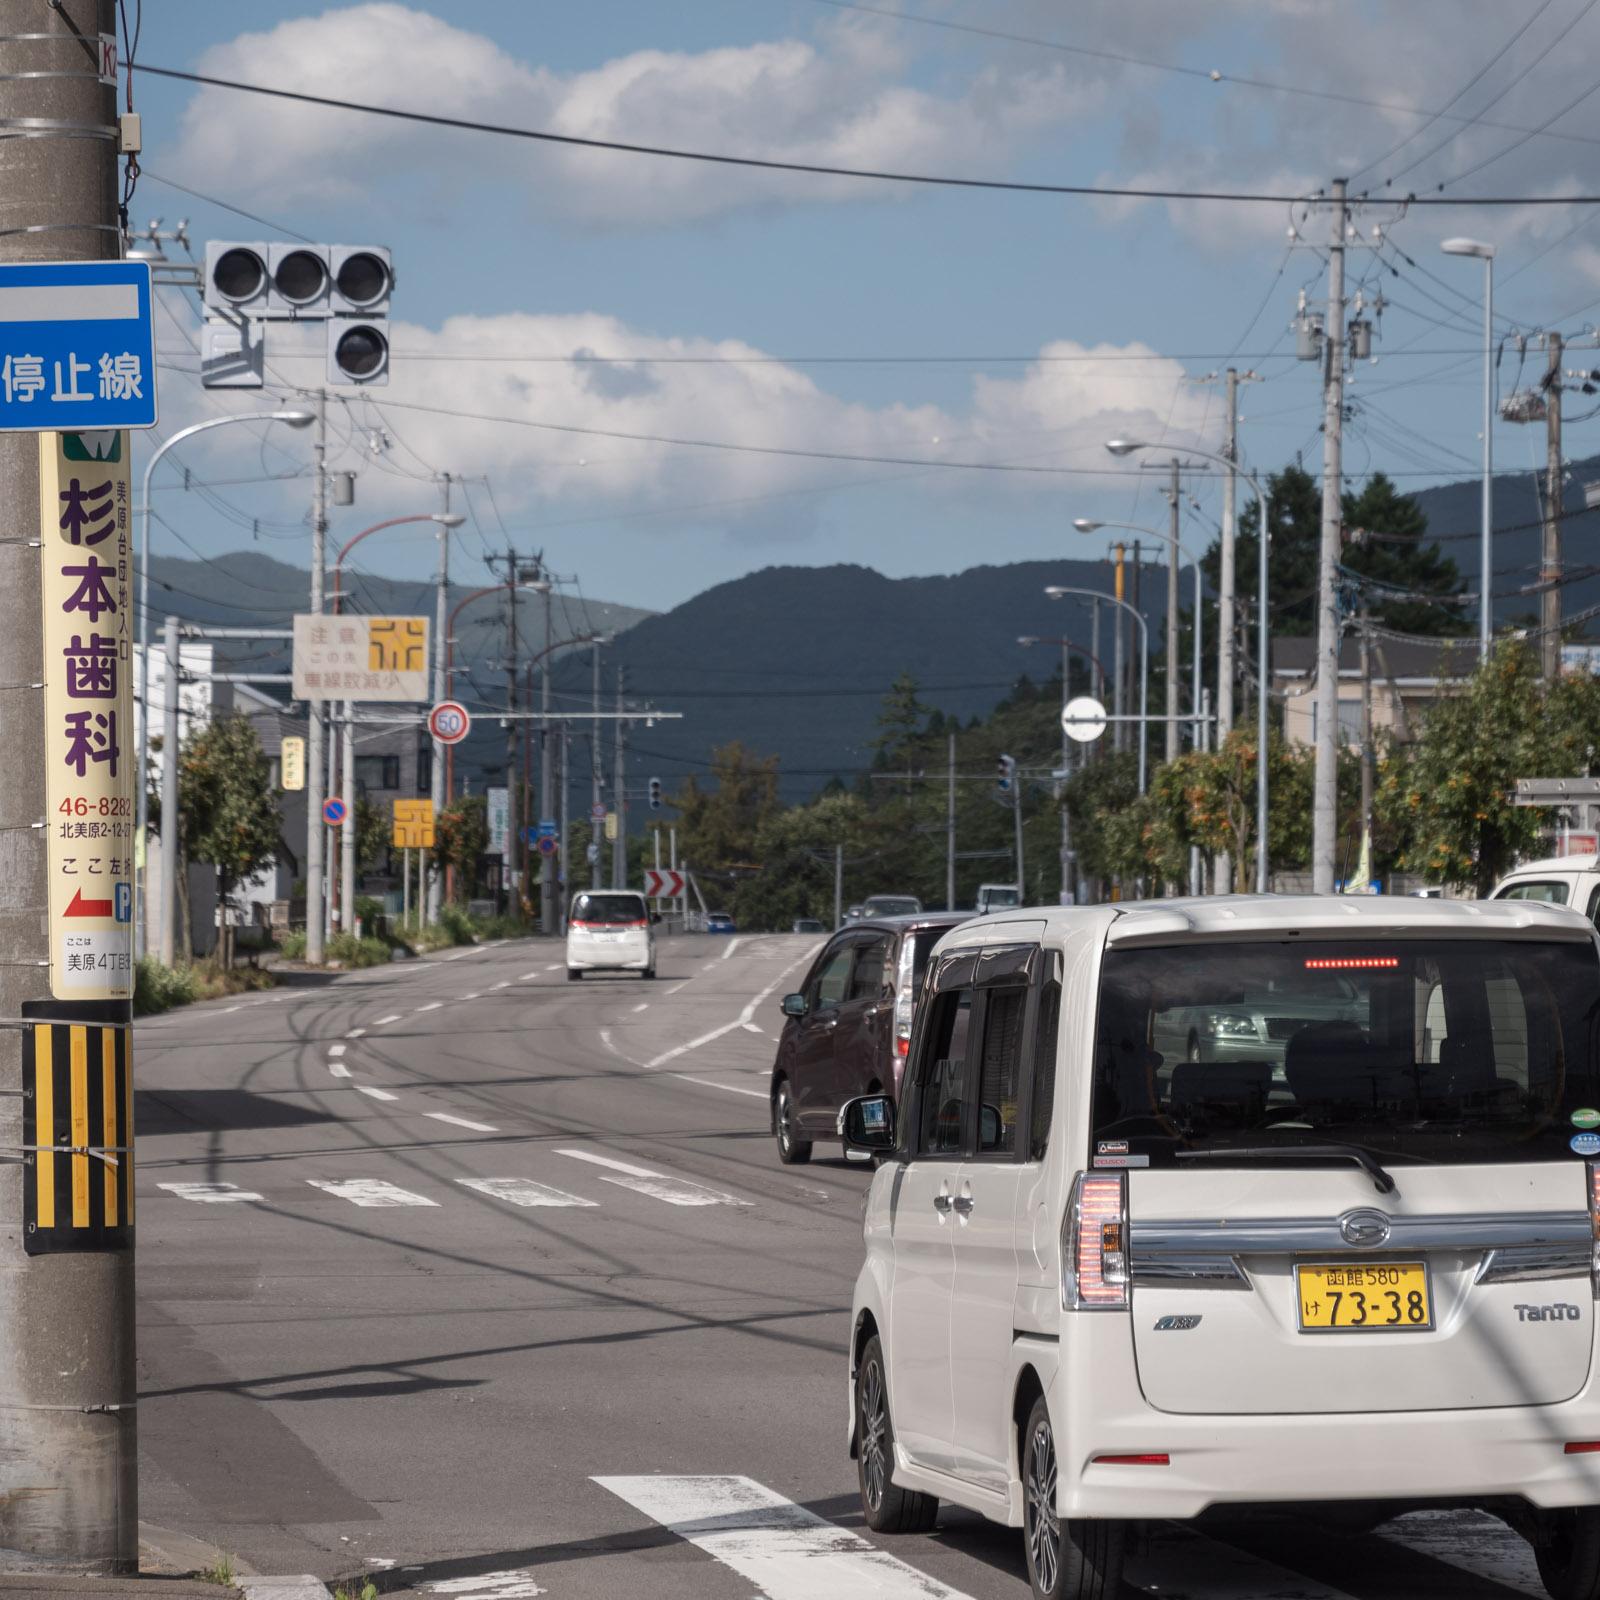 14時25分山建ビル前の交差点 消灯したままの信号機